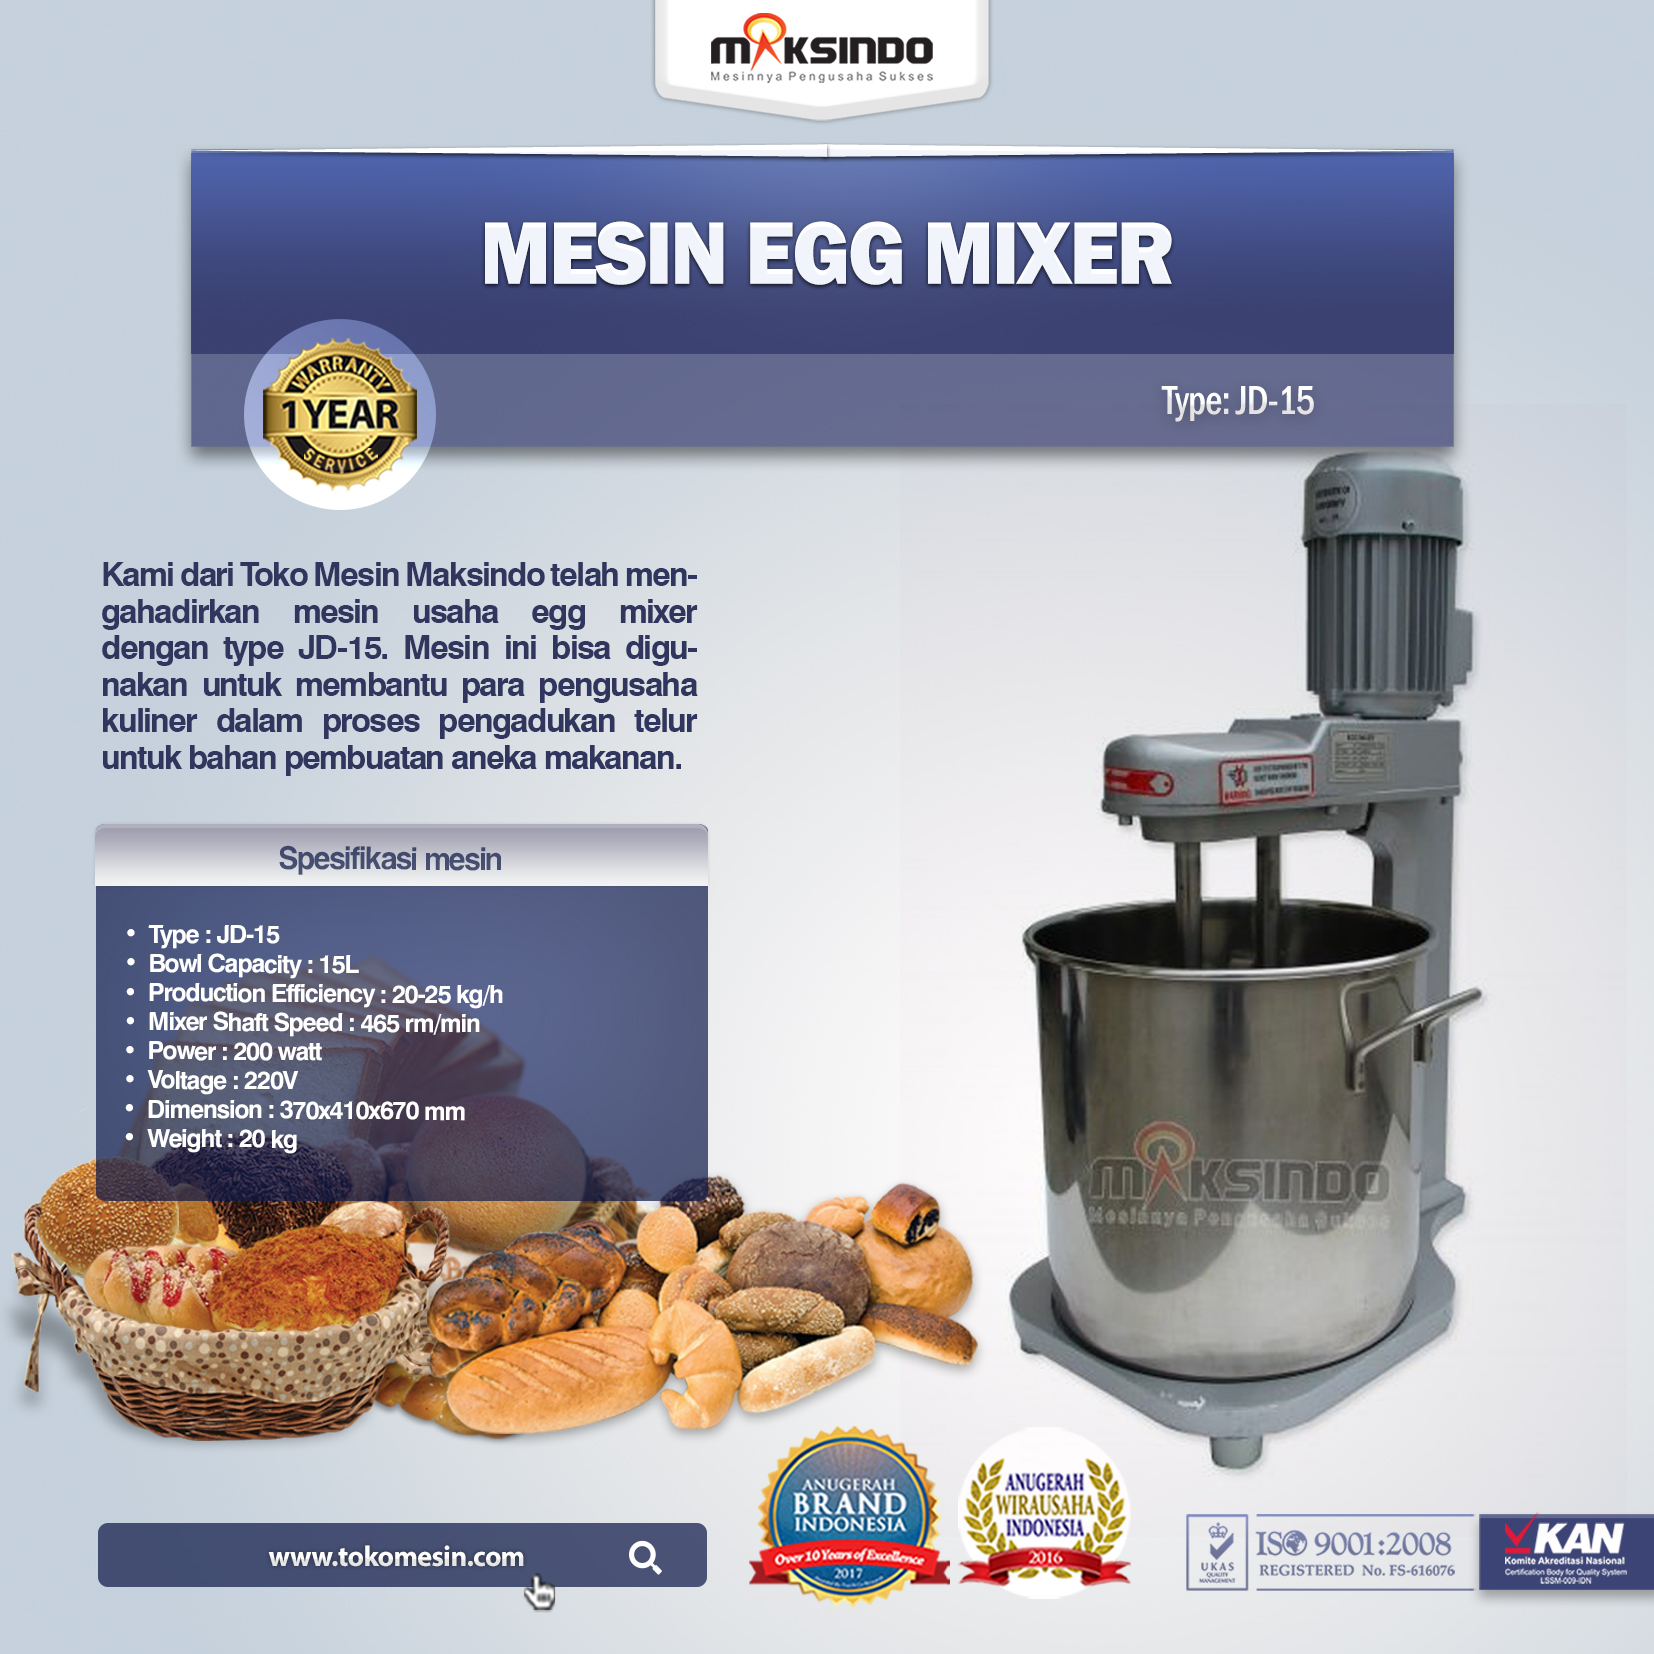 Mesin Egg Mixer JD-15